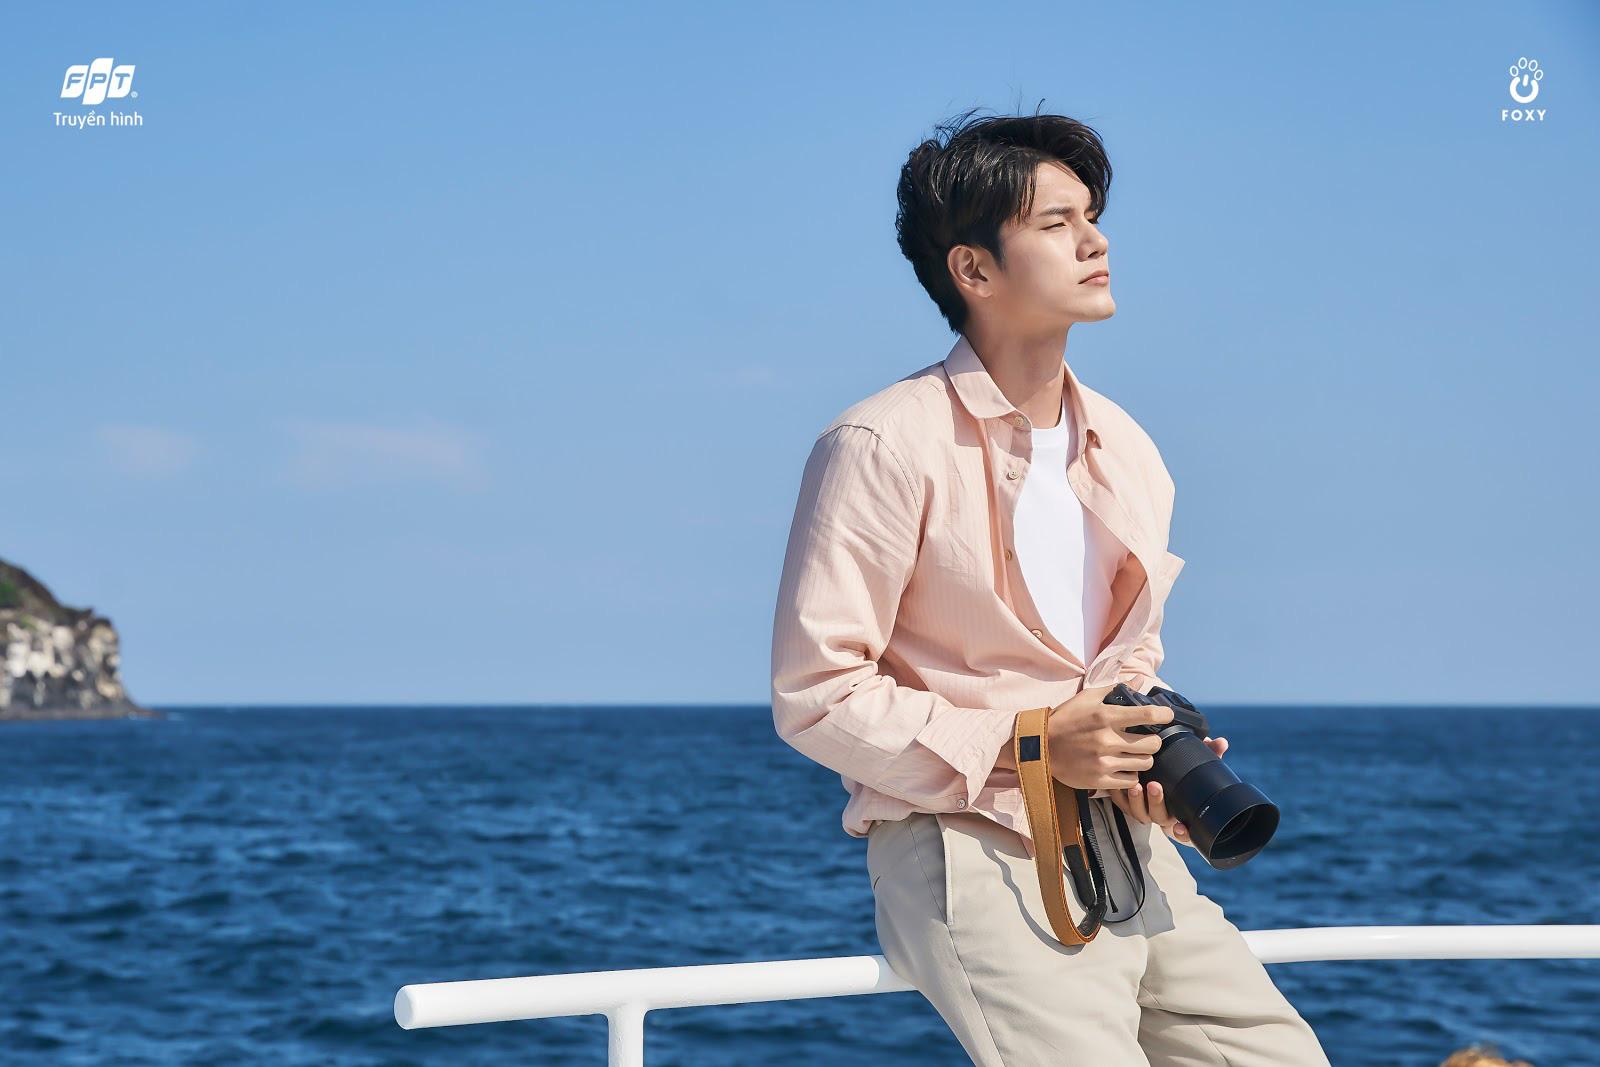 Những bí mật của trai đẹp Ong Seong Woo trong Hơn Cả Tình Bạn - Ảnh 1.